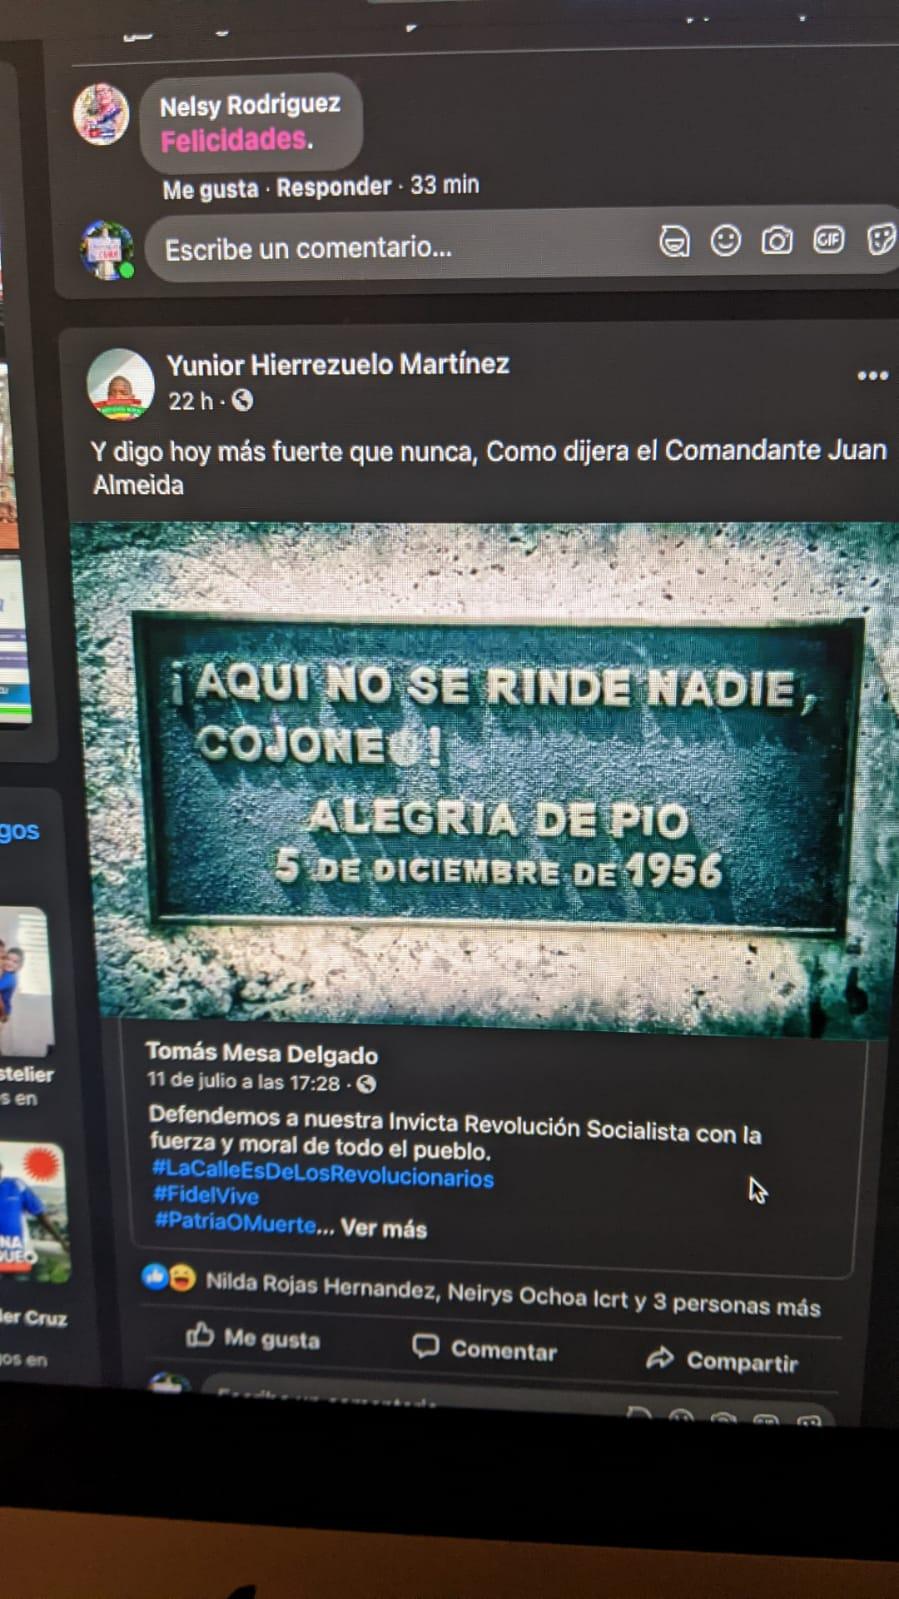 Yunior Hierrezuelo Martínez